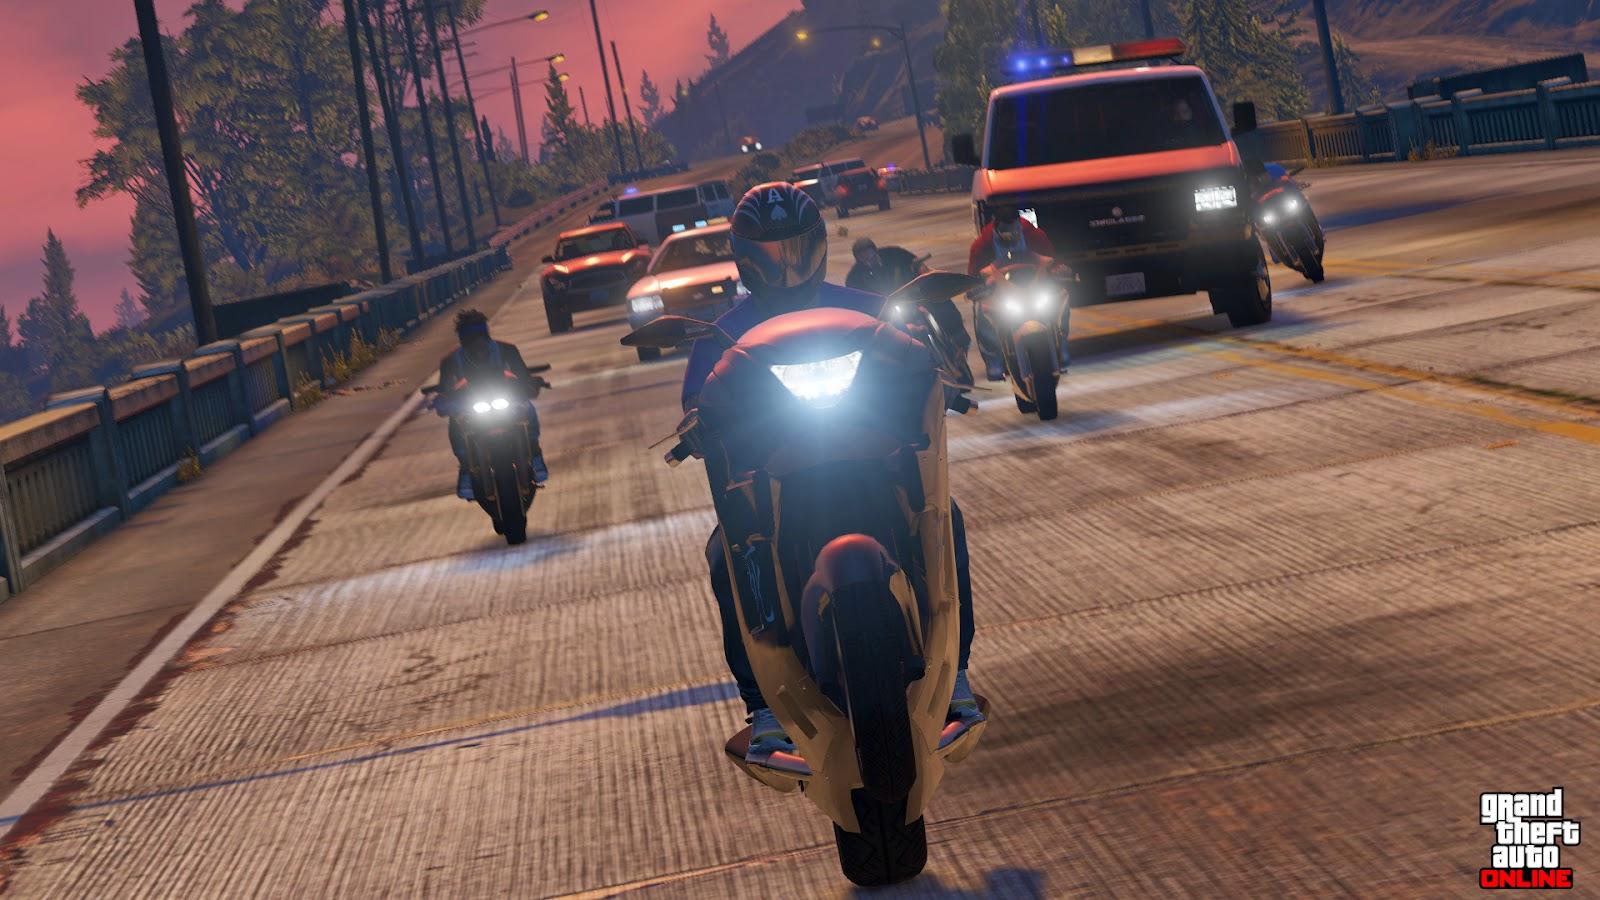 Imagens Em 1080p De Grand Theft Auto V Multi So